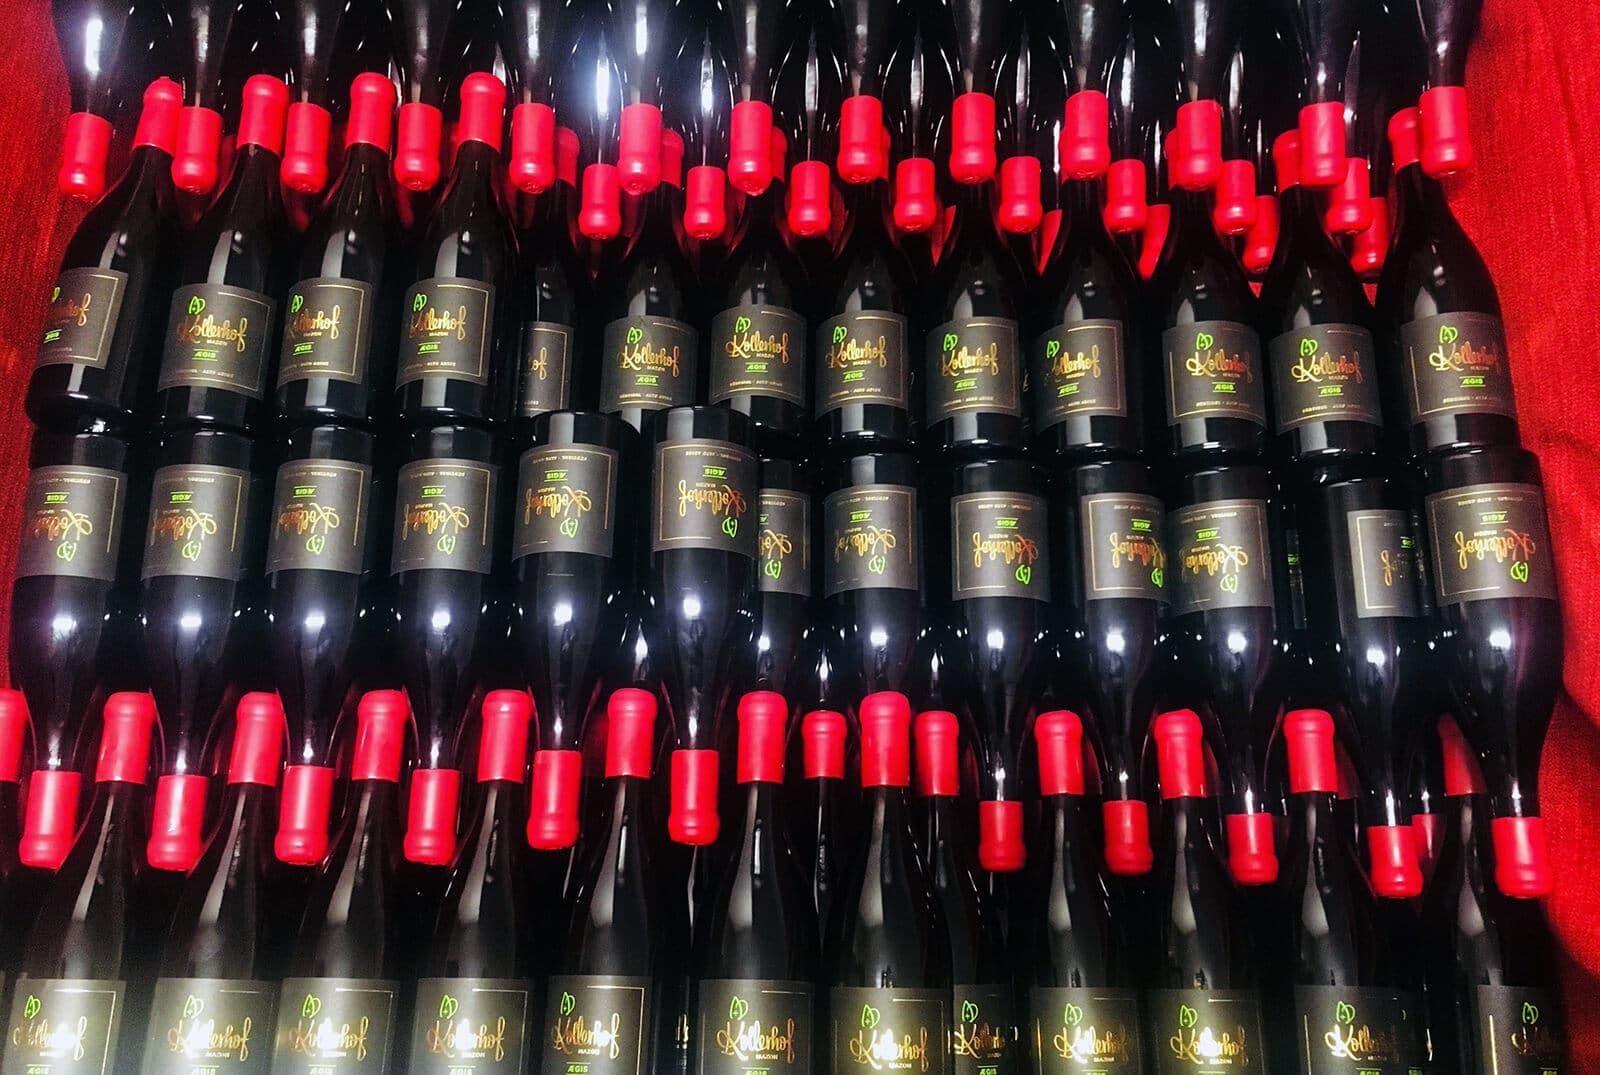 Kollerhof_AEGIS-Flaschen